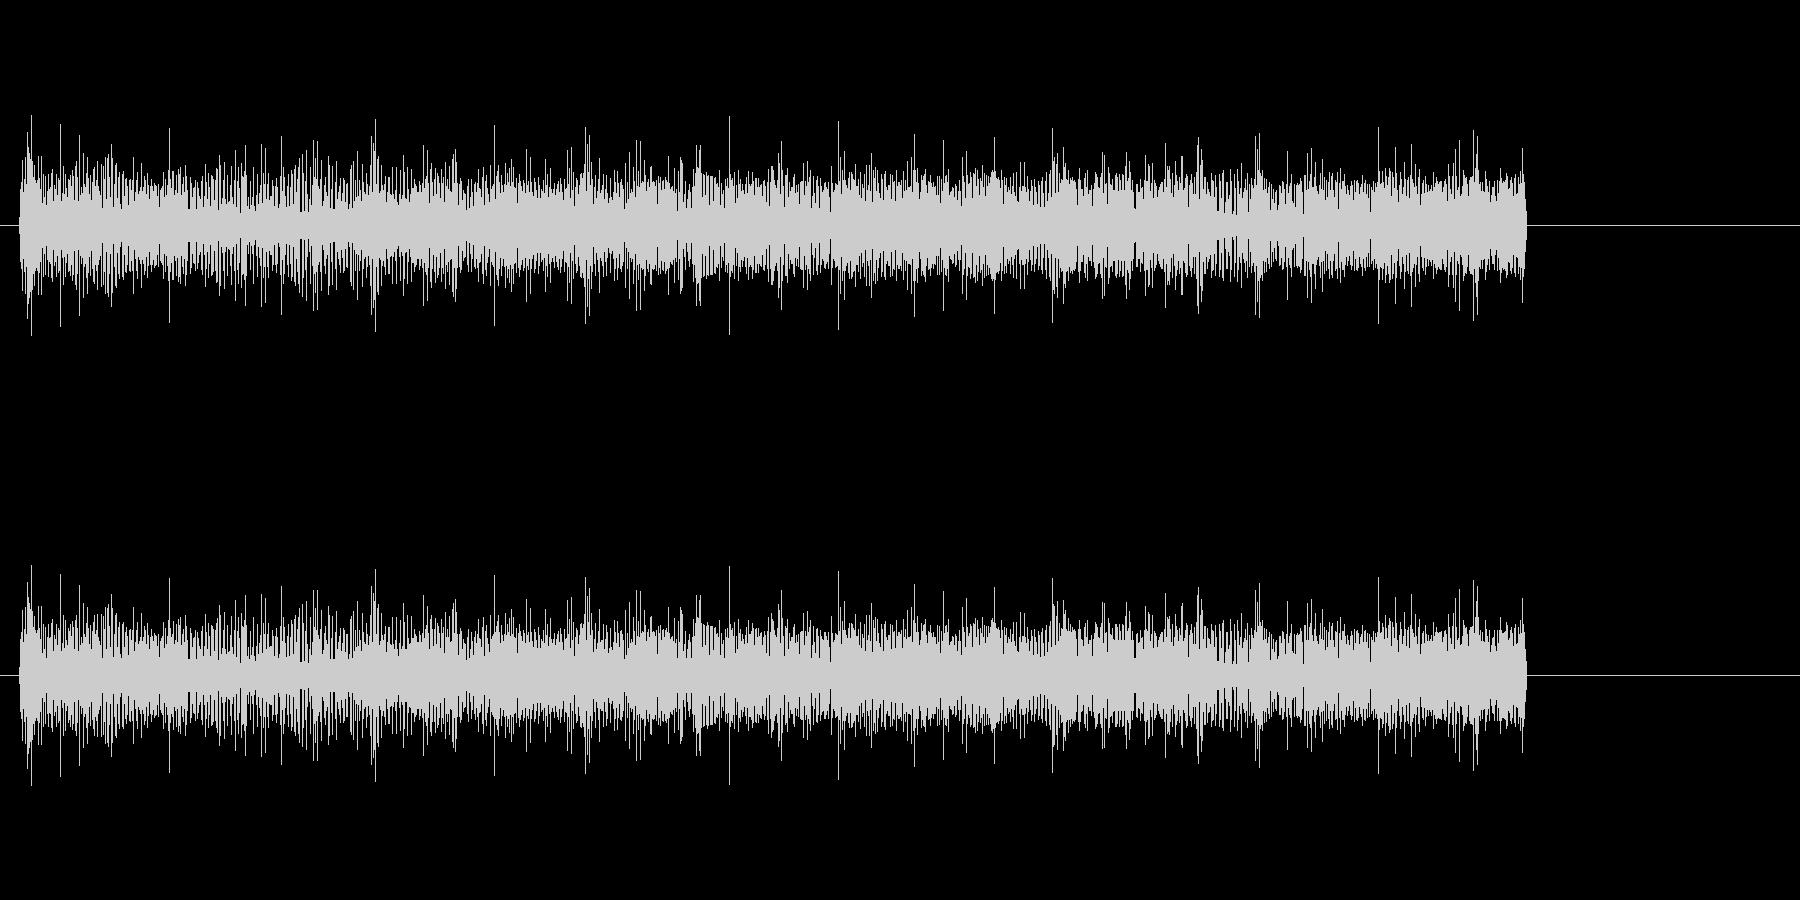 【電流01-1】の未再生の波形